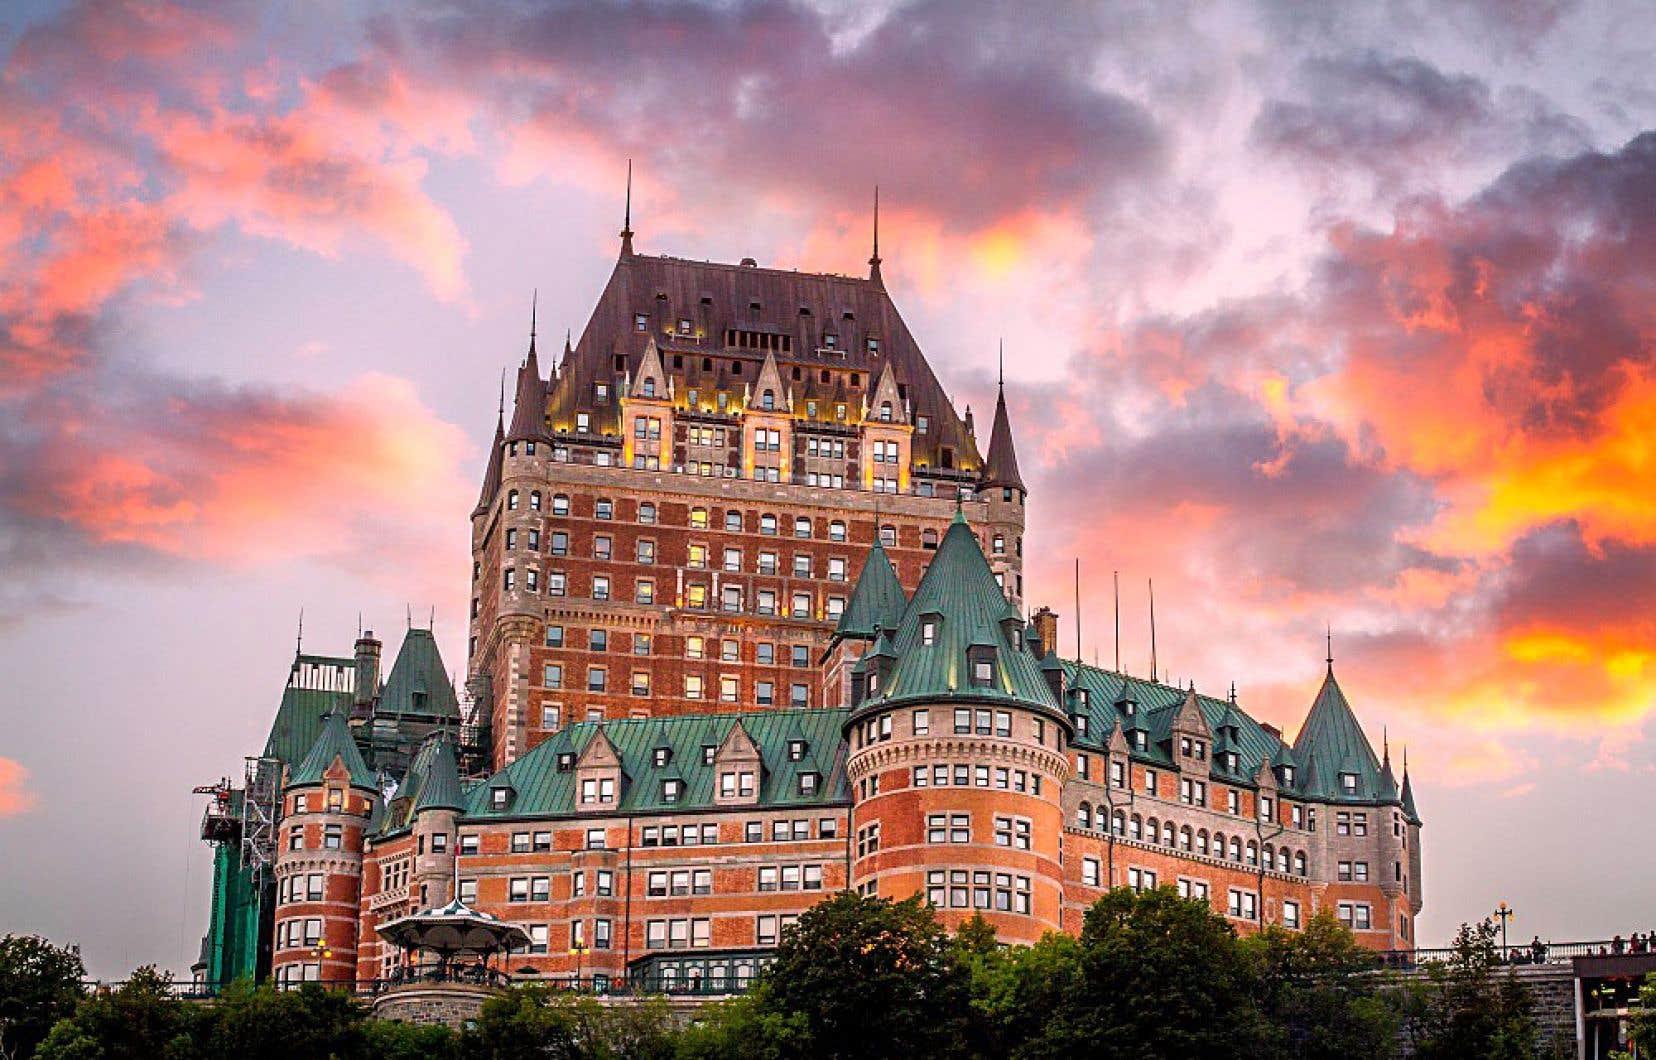 En six épisodes, le journaliste Pascal Evans raconte les origines, le développement et les périodes de «déclin» de cet hôtel mythique.